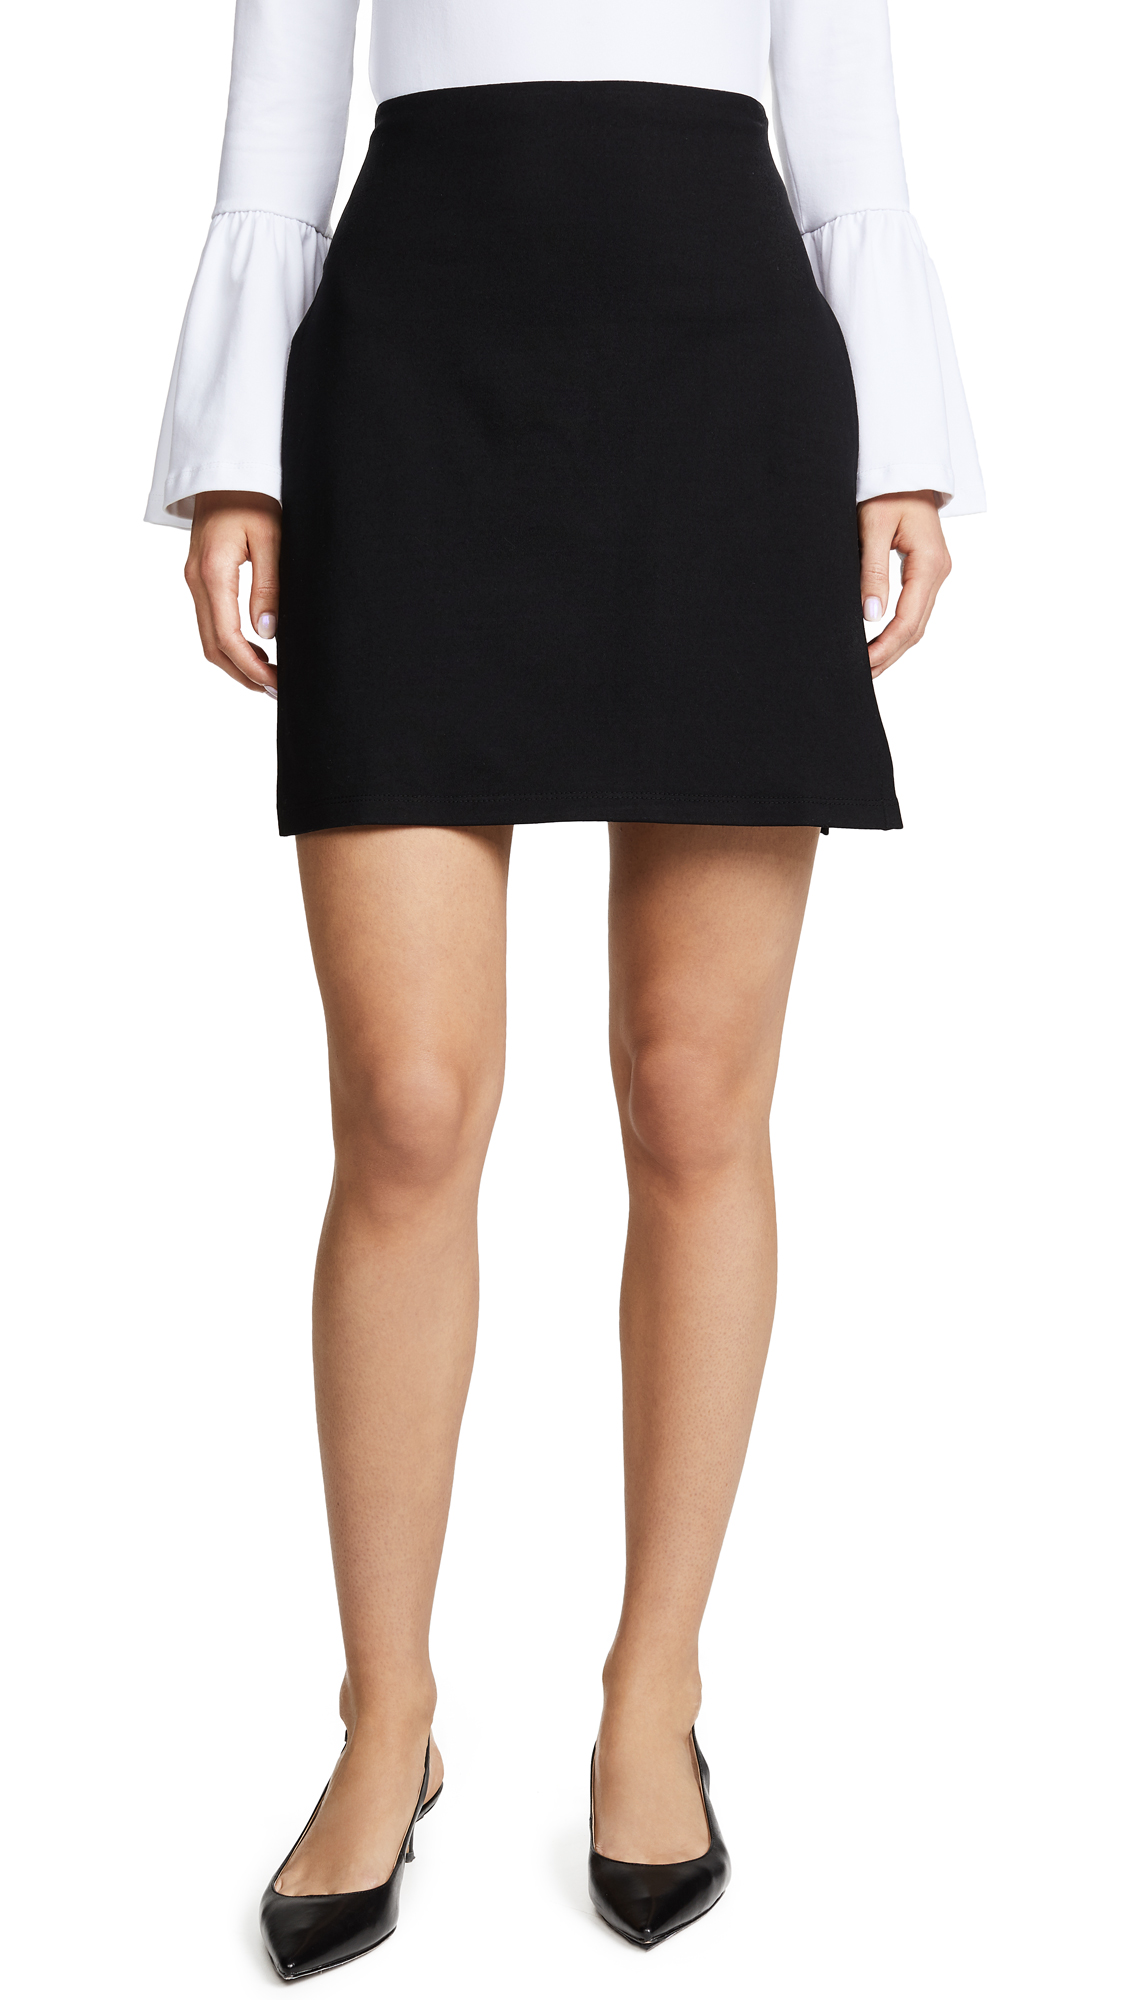 Susana Monaco Joyce Slit Mini Skirt In Black